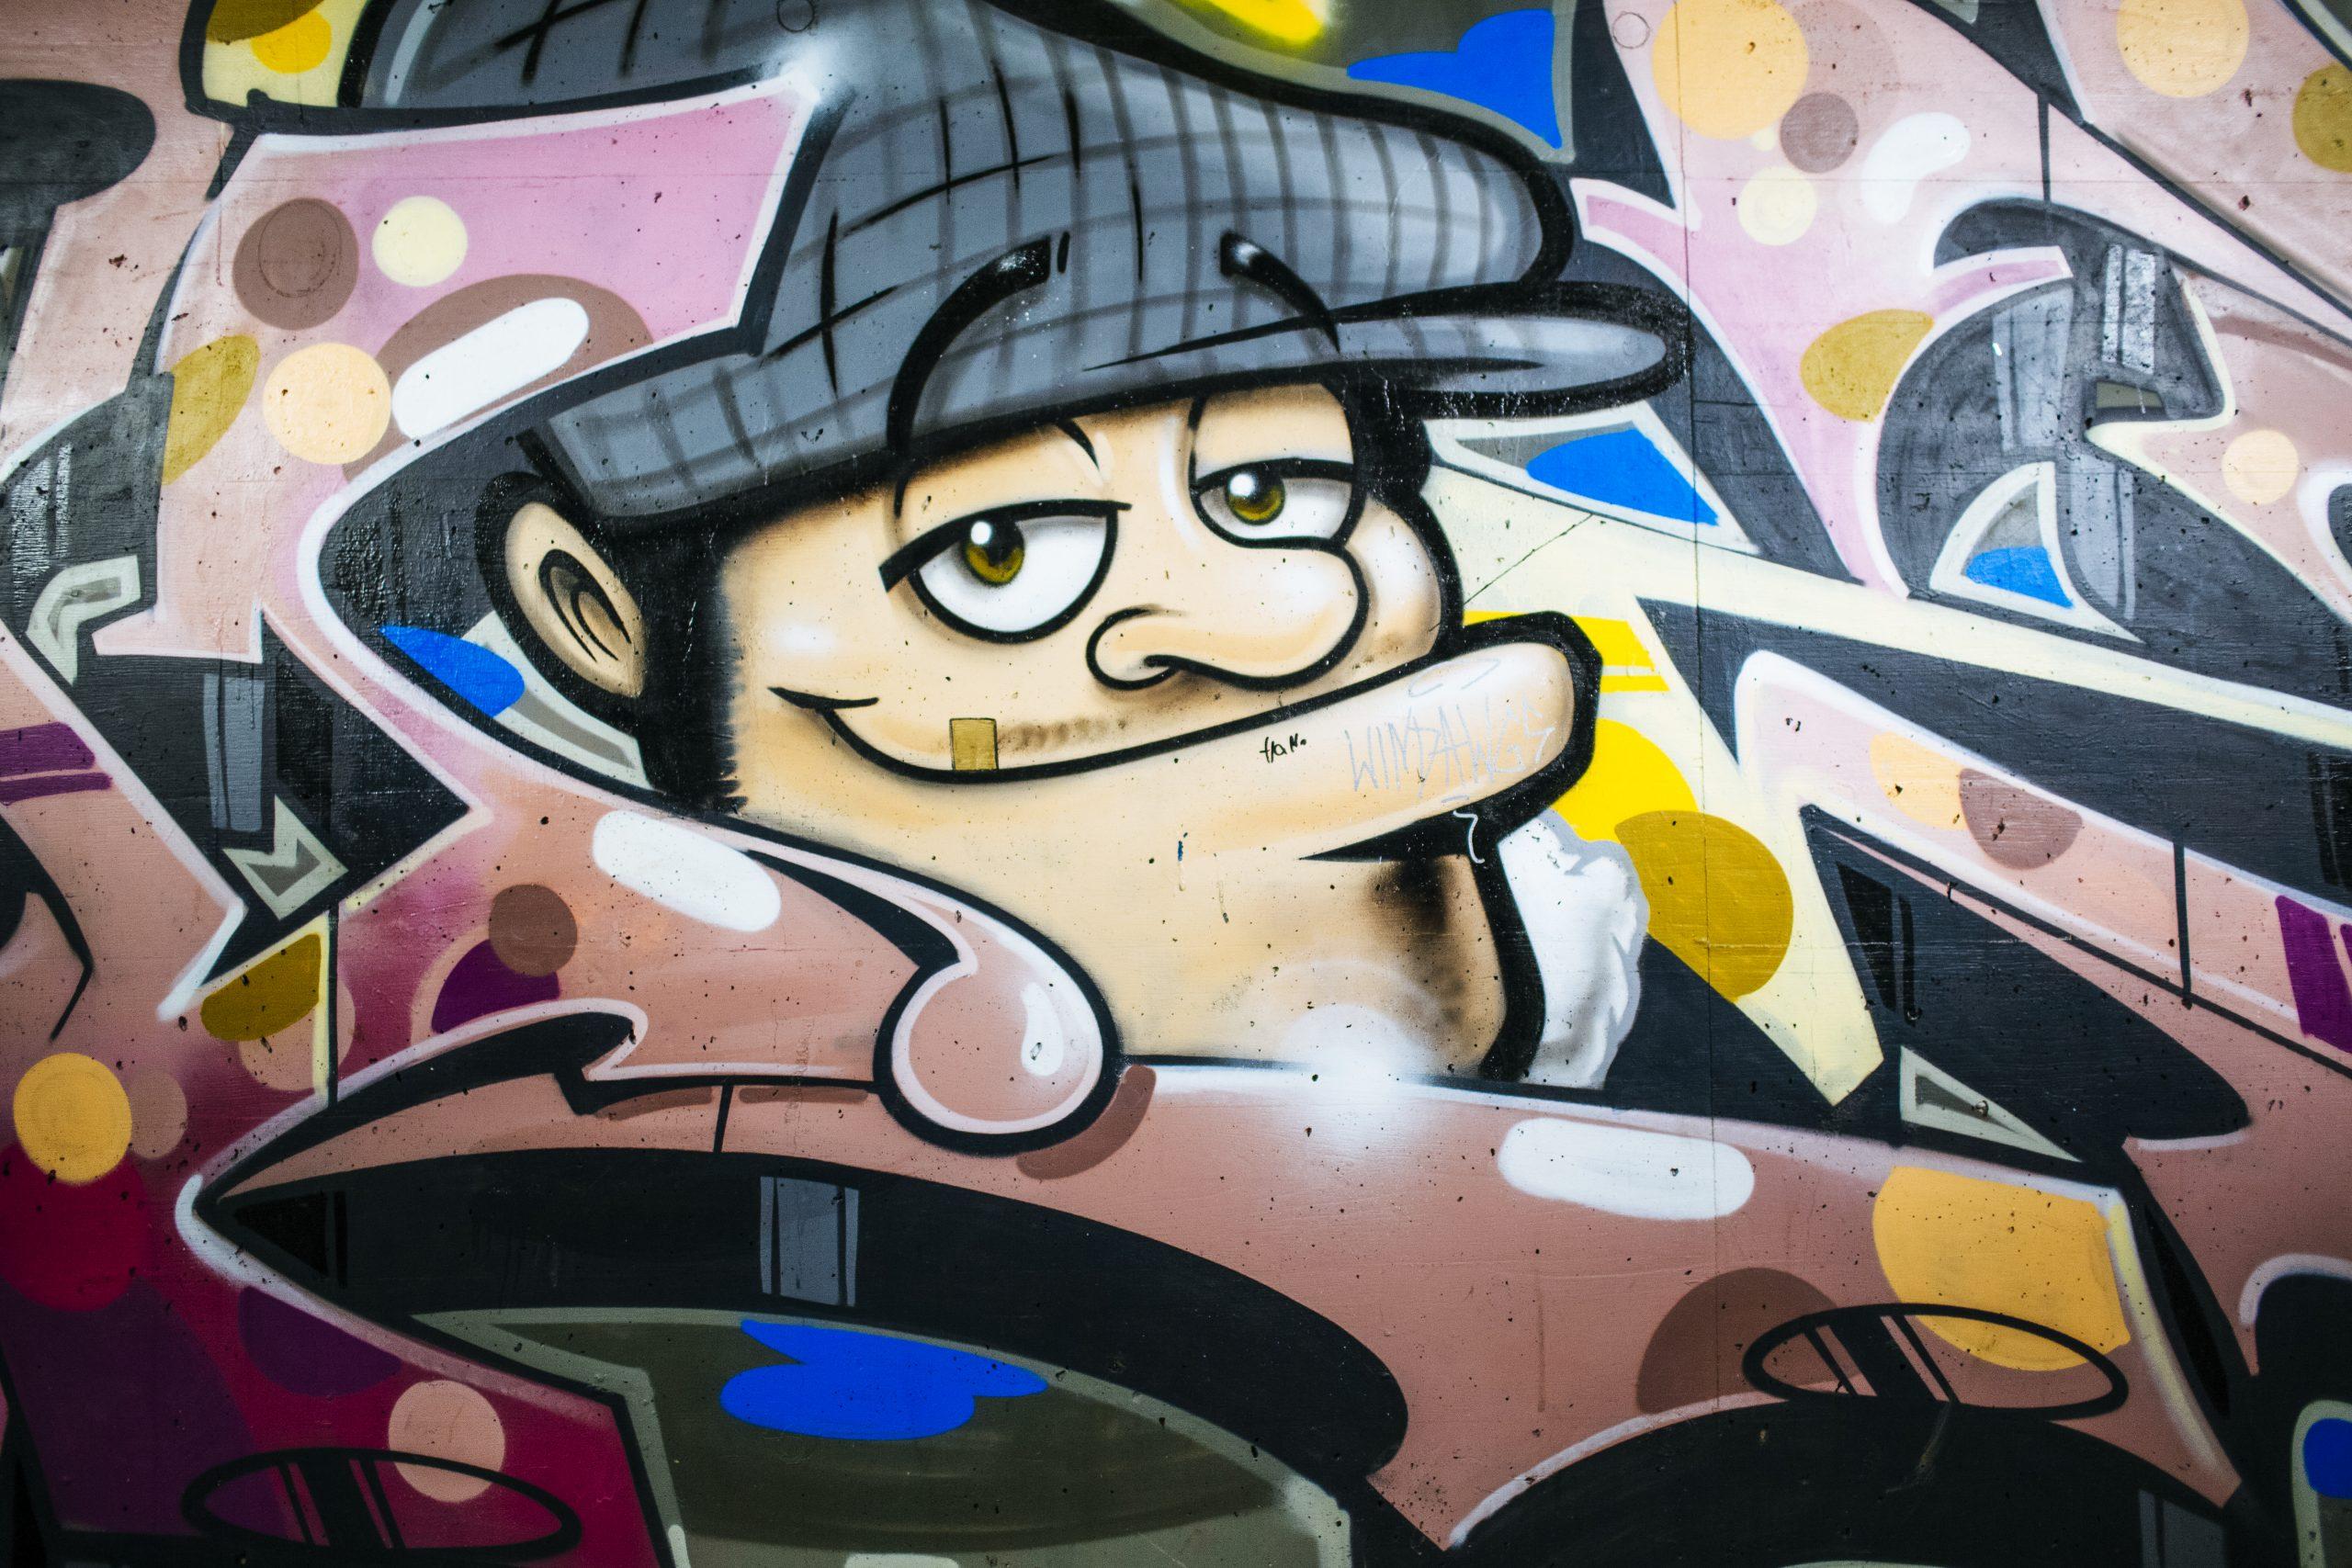 Un graffiti représentant un homme souriant portant un béret